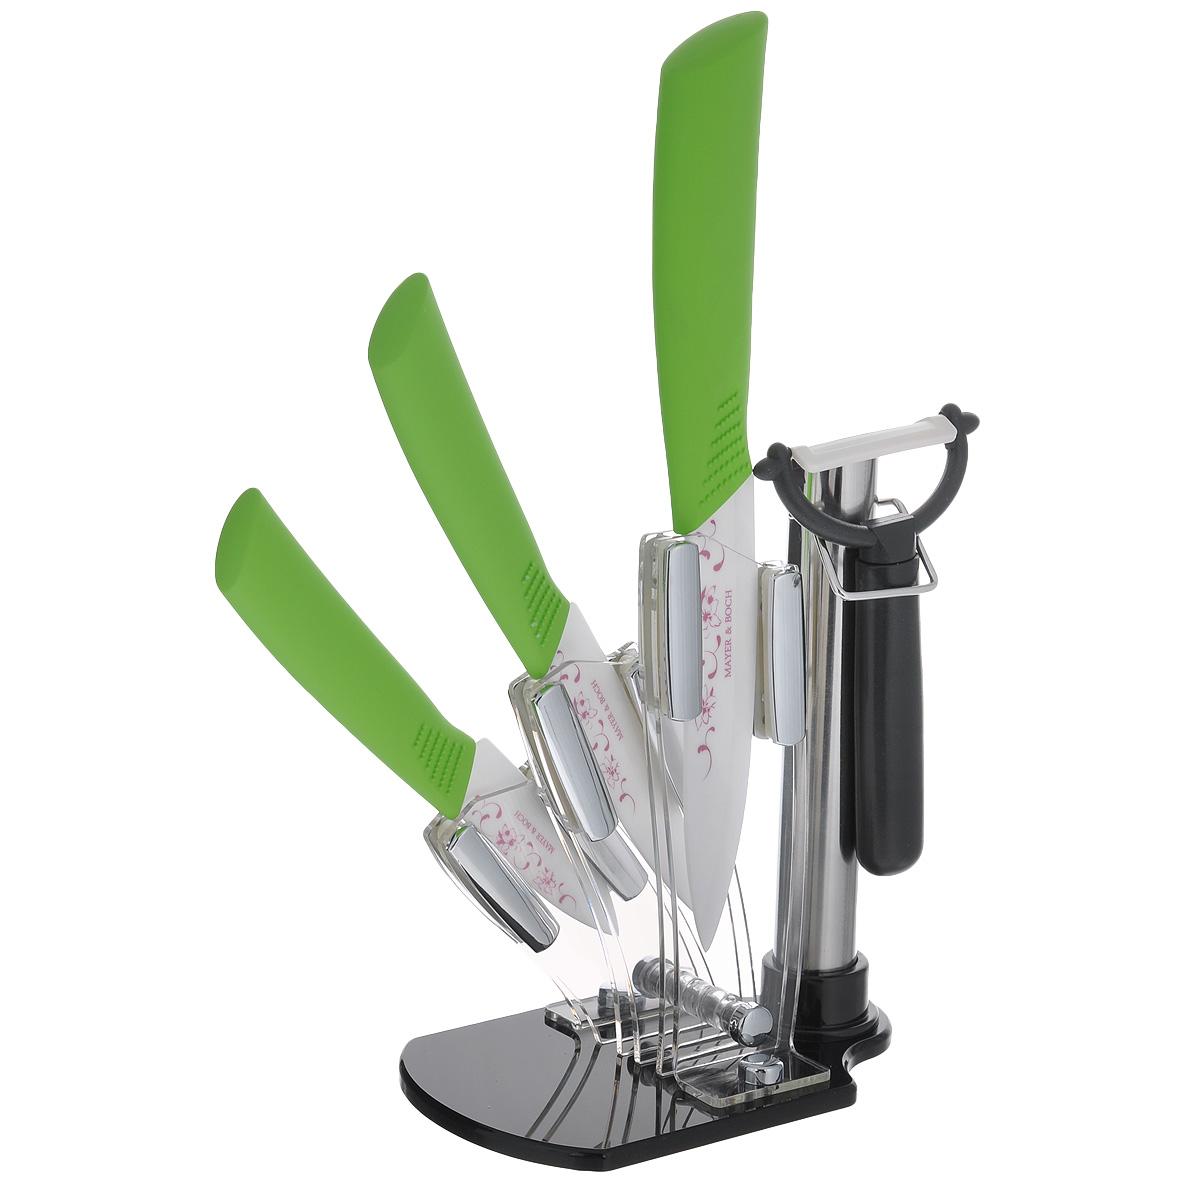 """Набор керамических ножей """"Mayer & Boch"""", цвет: салатовый, 5 предметов. 21863"""